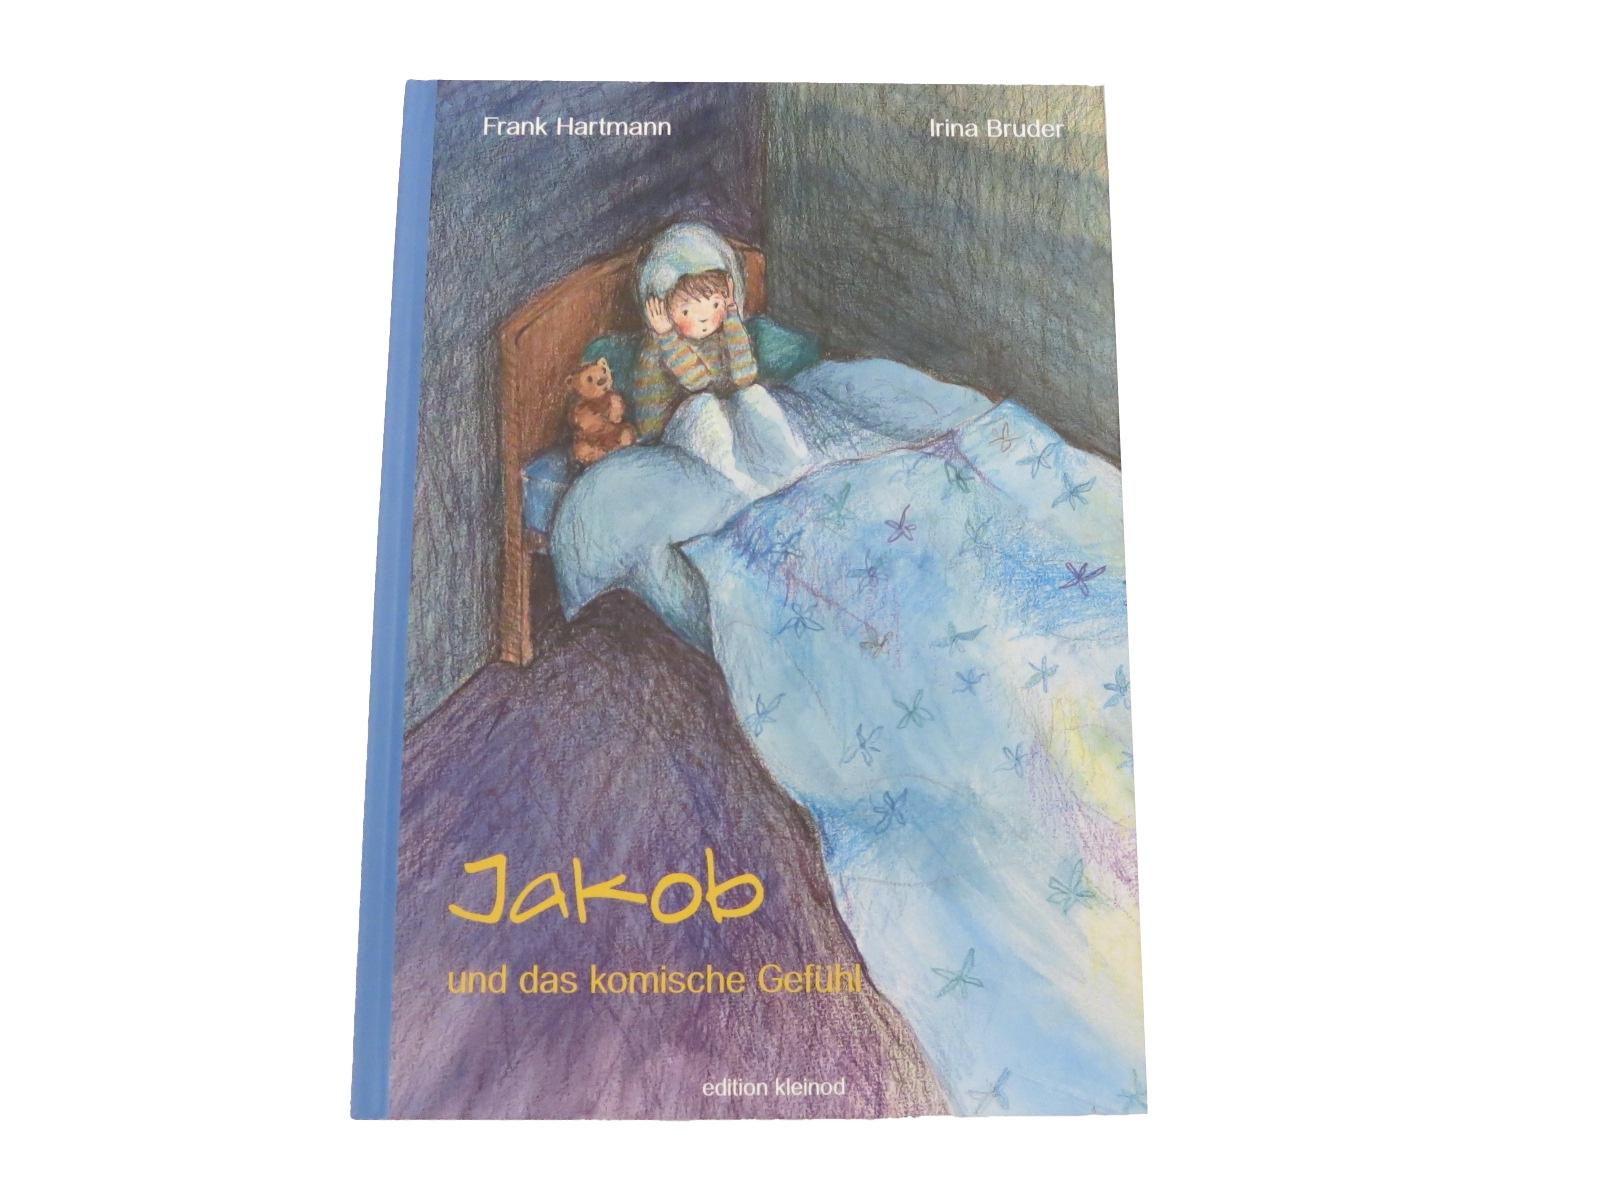 Kinderbuch, Bilderbuch Jakob und das komische Gefühl